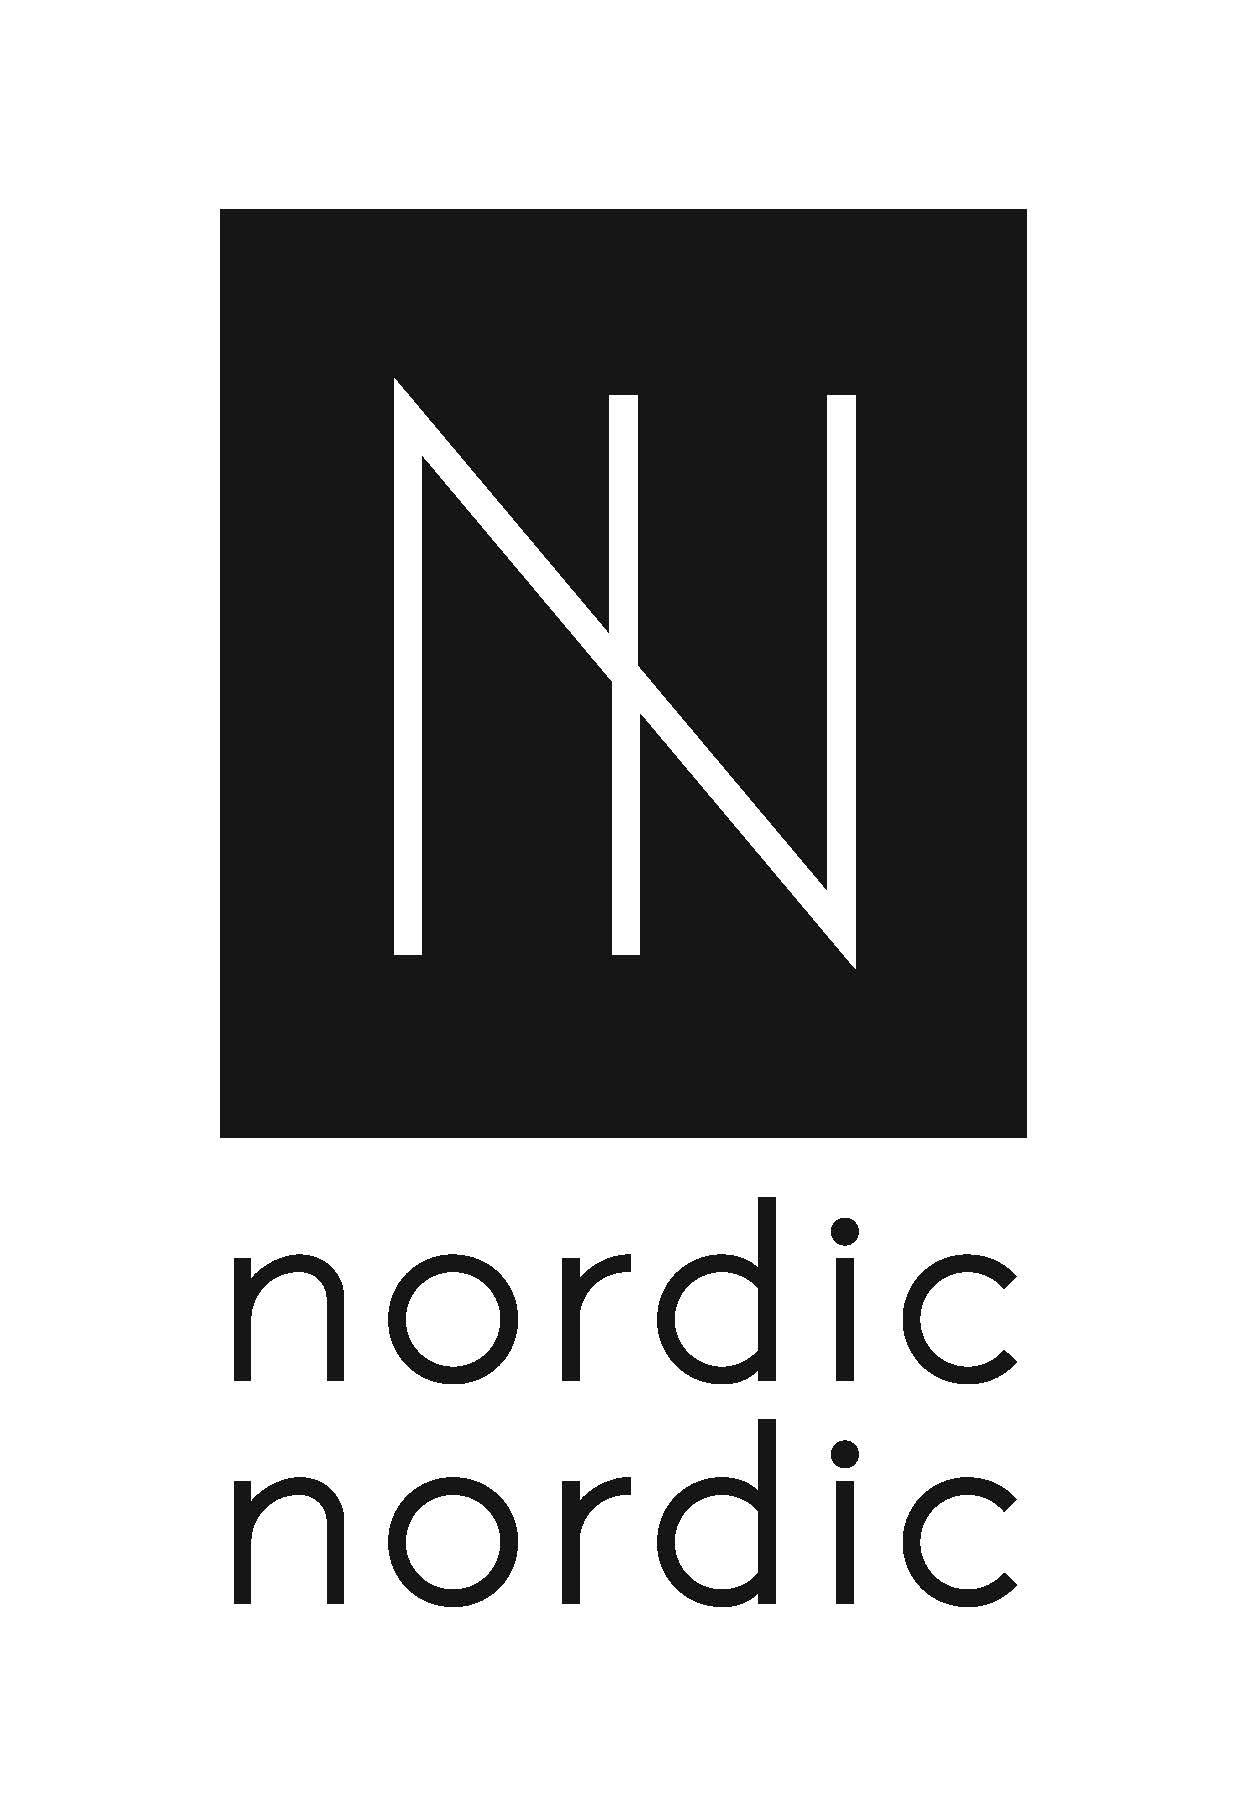 NordicNordic